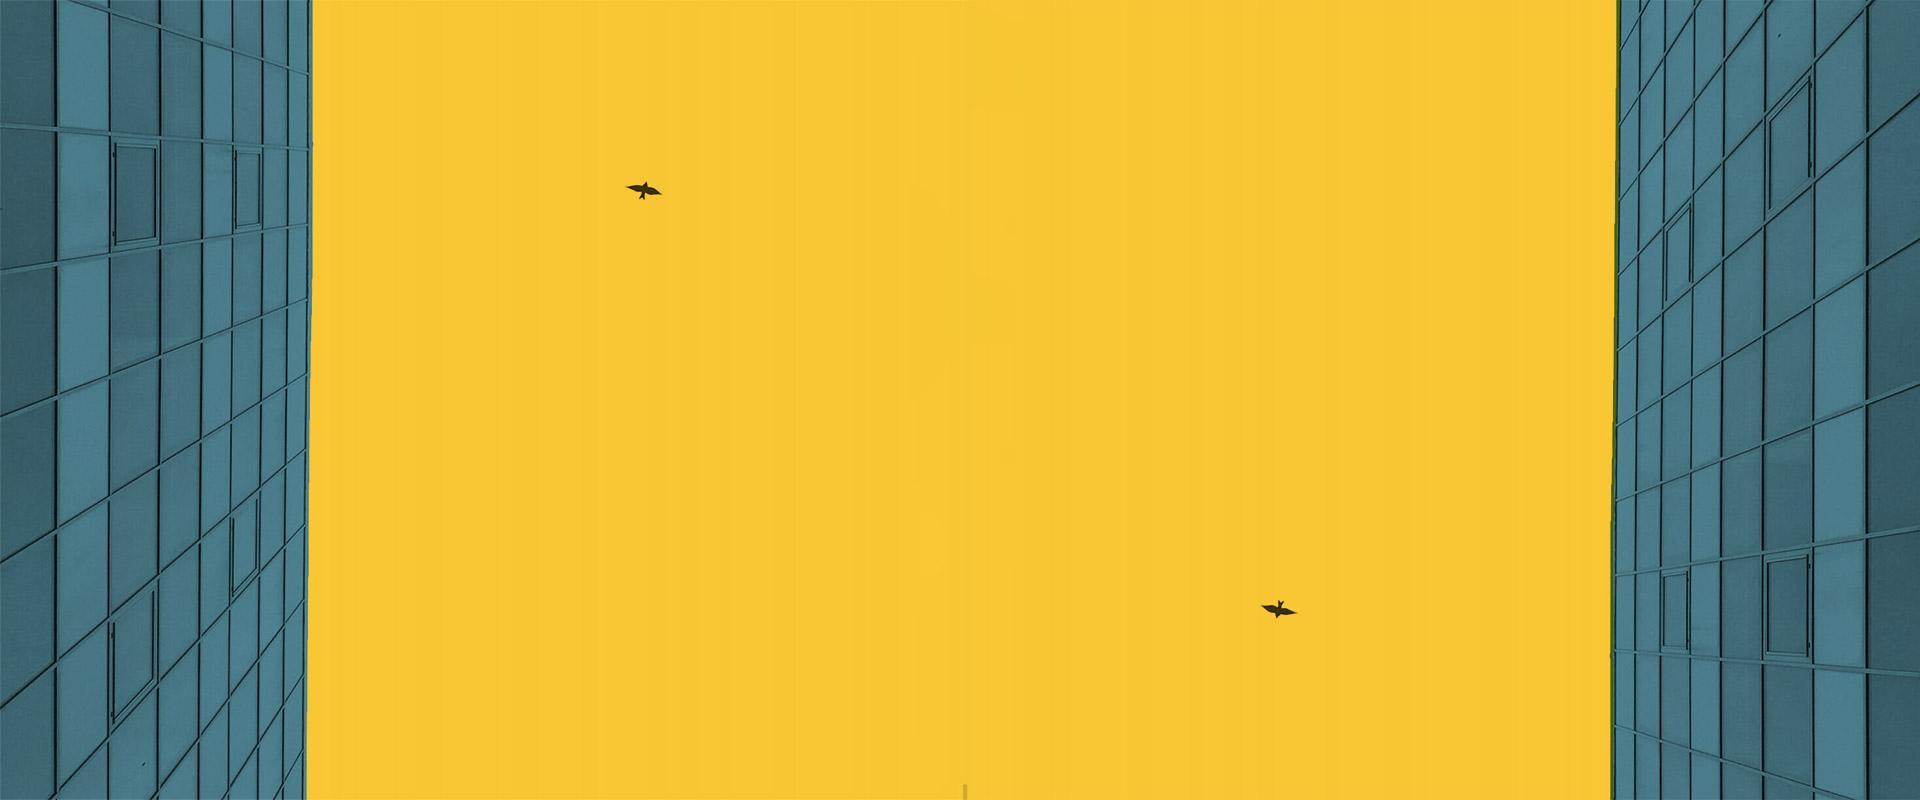 bâtiment architecturale bleu avec un ciel jaune et des oiseaux